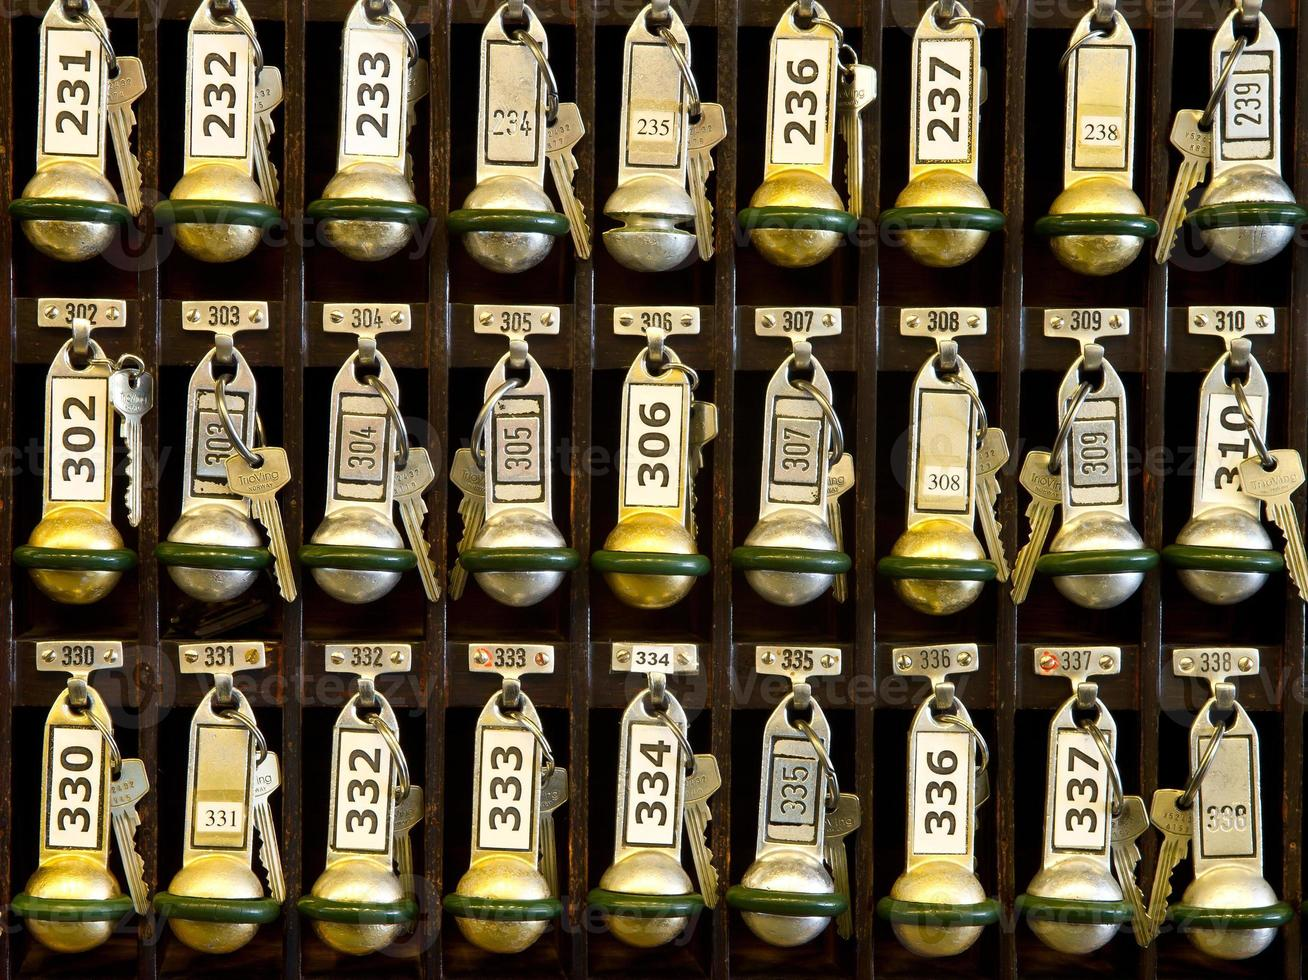 porte-clés de la réception de l'hôtel. photo